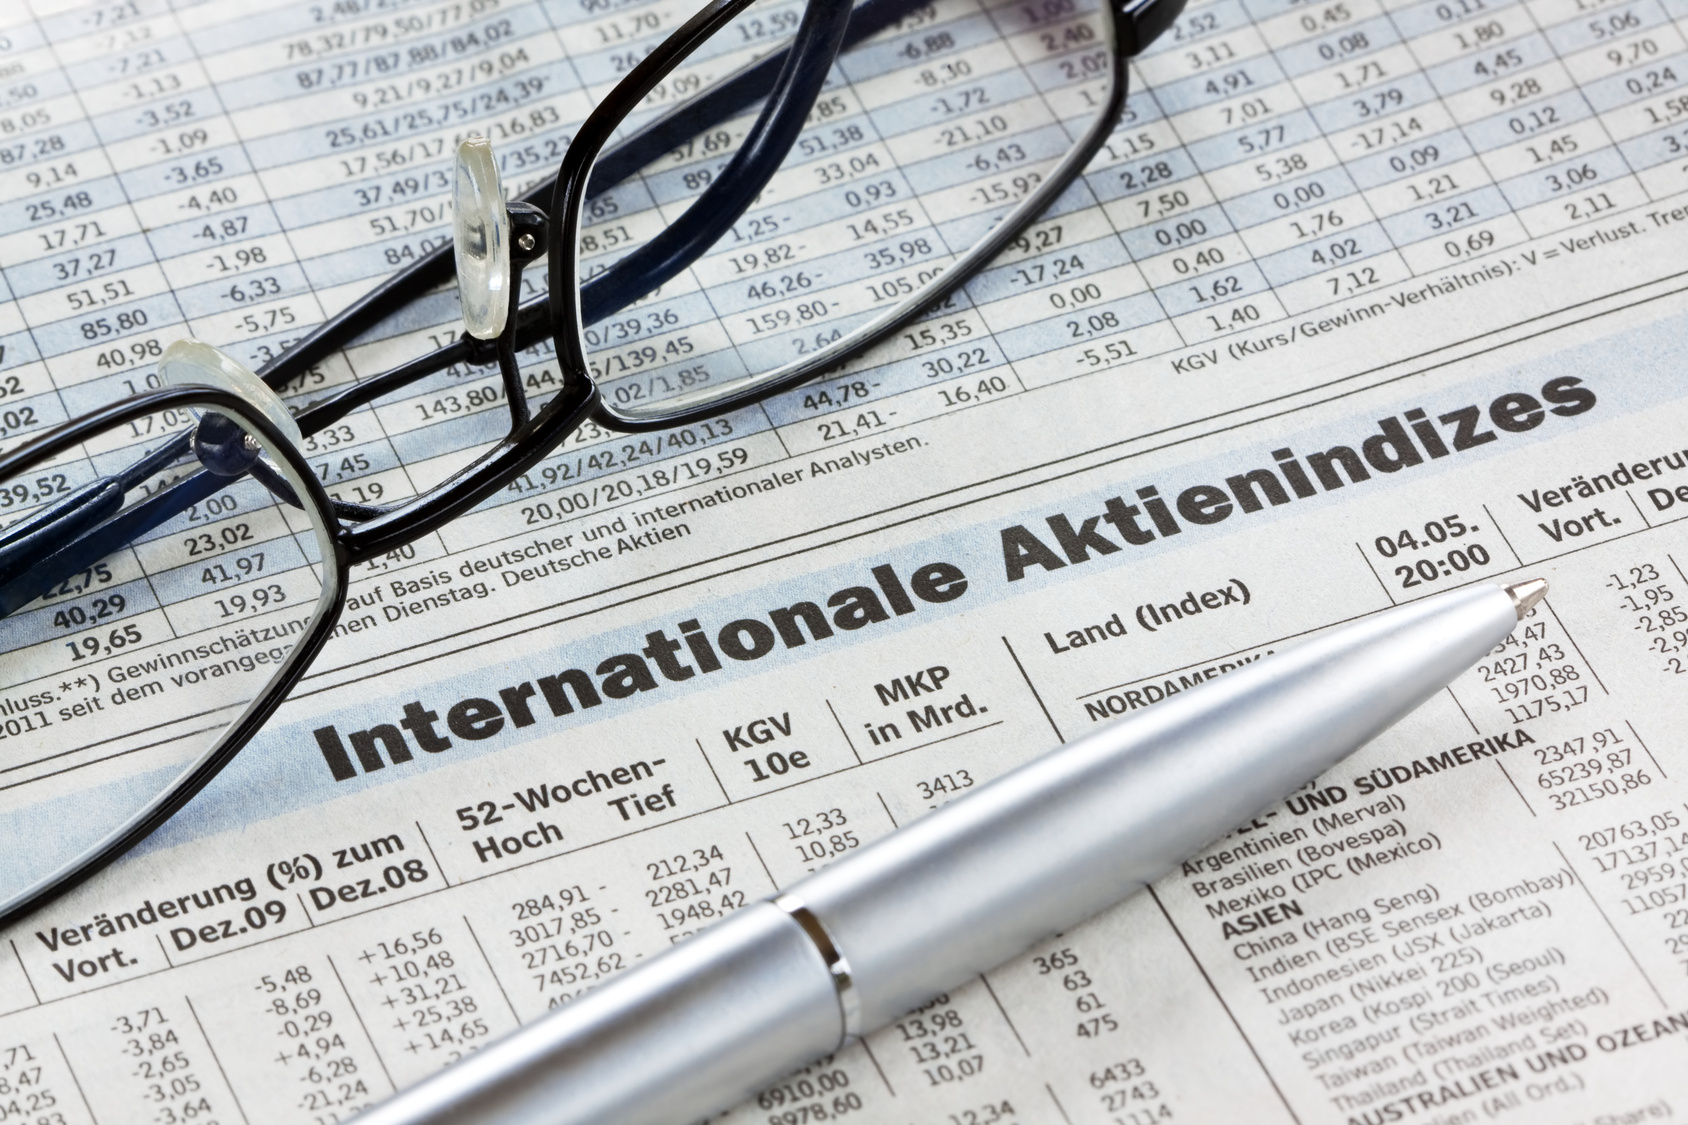 Indexfonds: Passende Investments für Privatanleger?